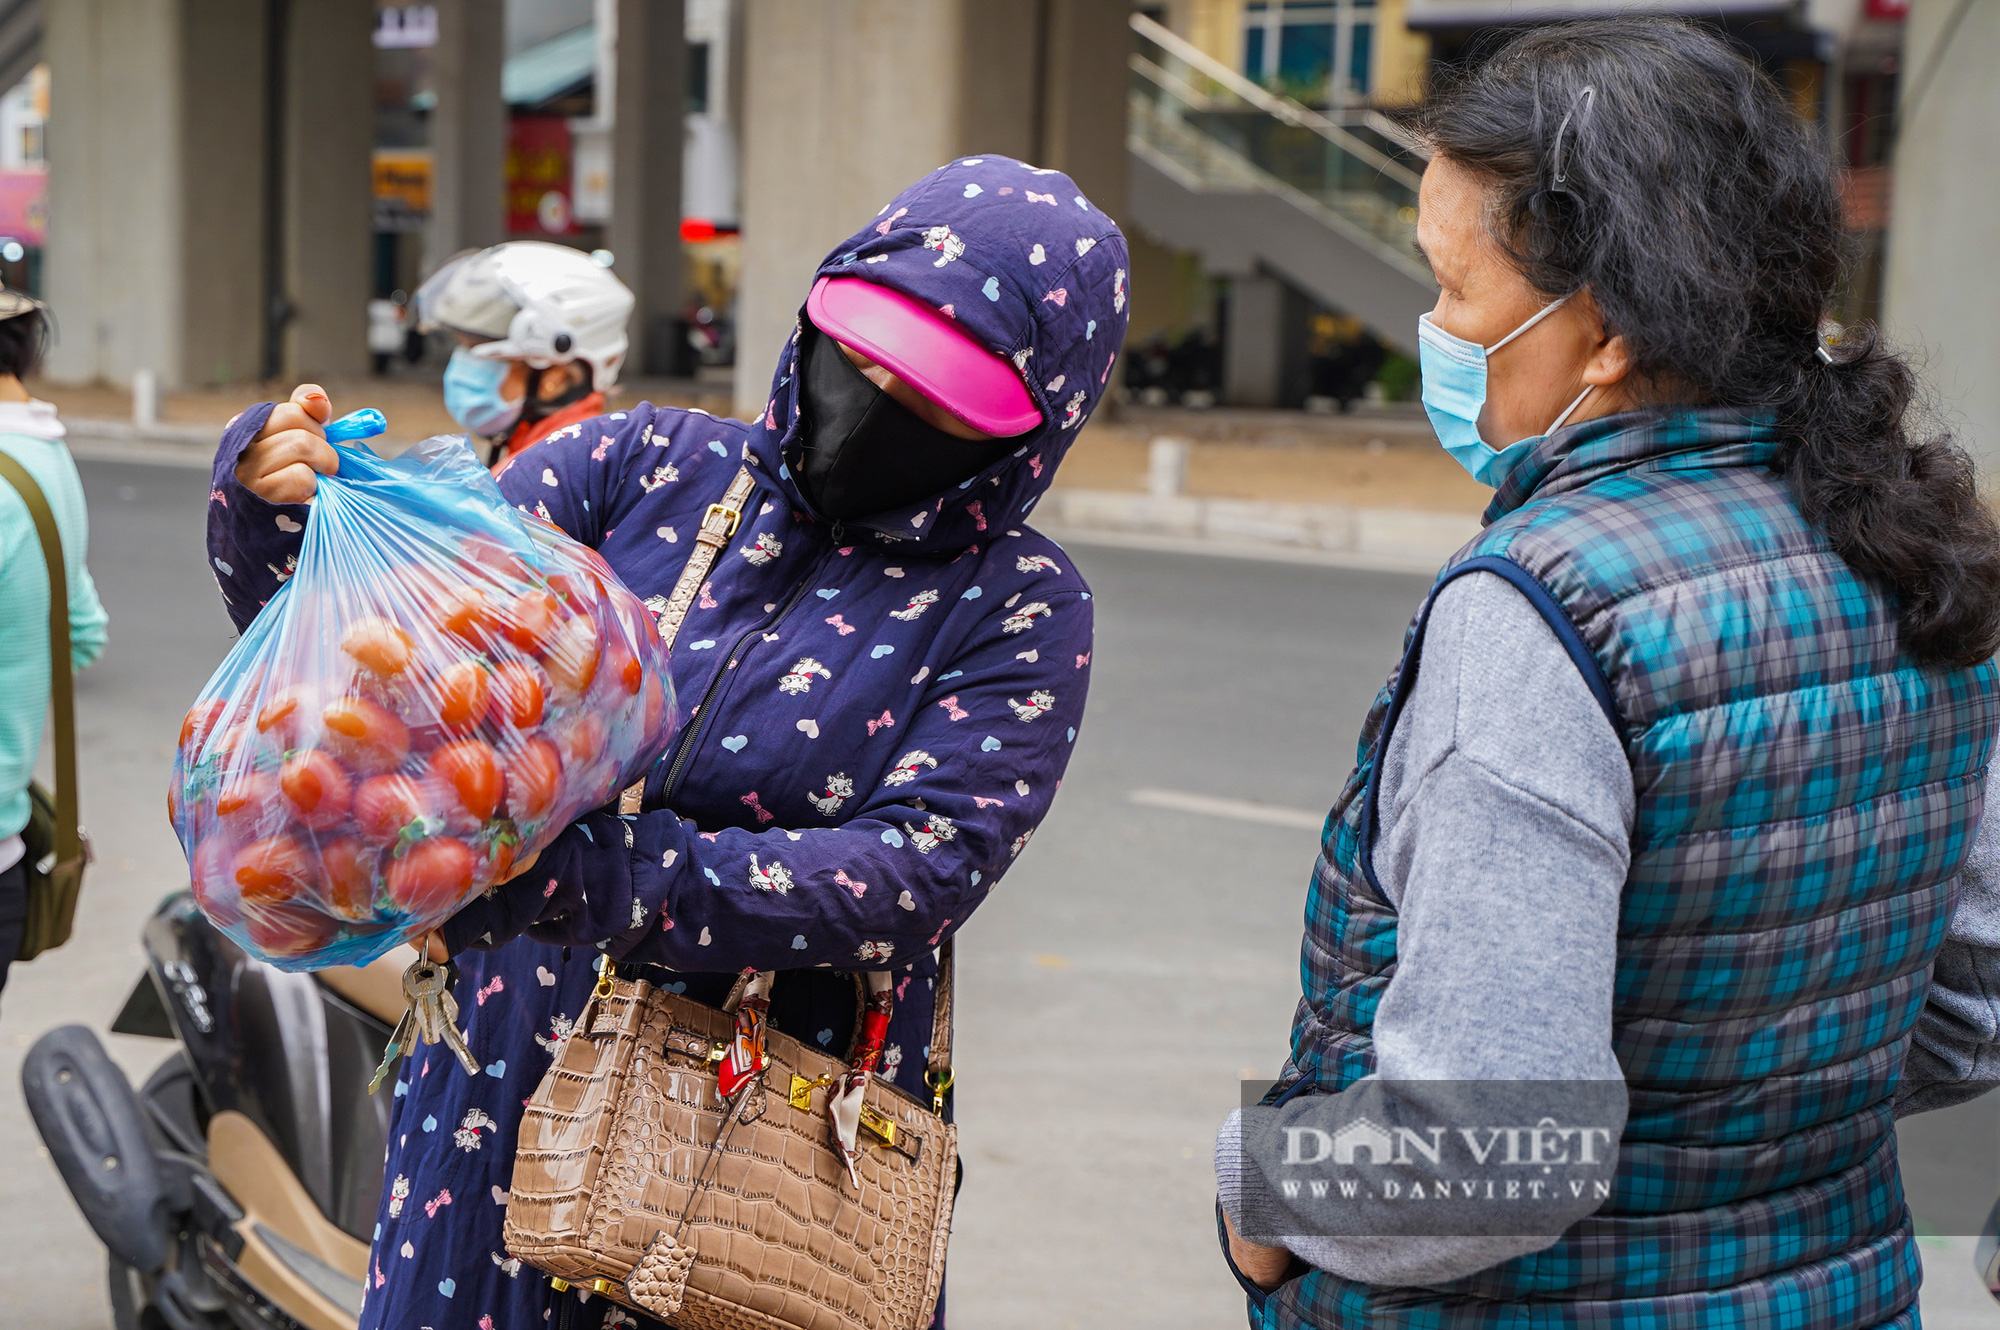 Hơn 4 tấn nông sản ở Mê Linh được giải cứu trong sáng nay - Ảnh 4.